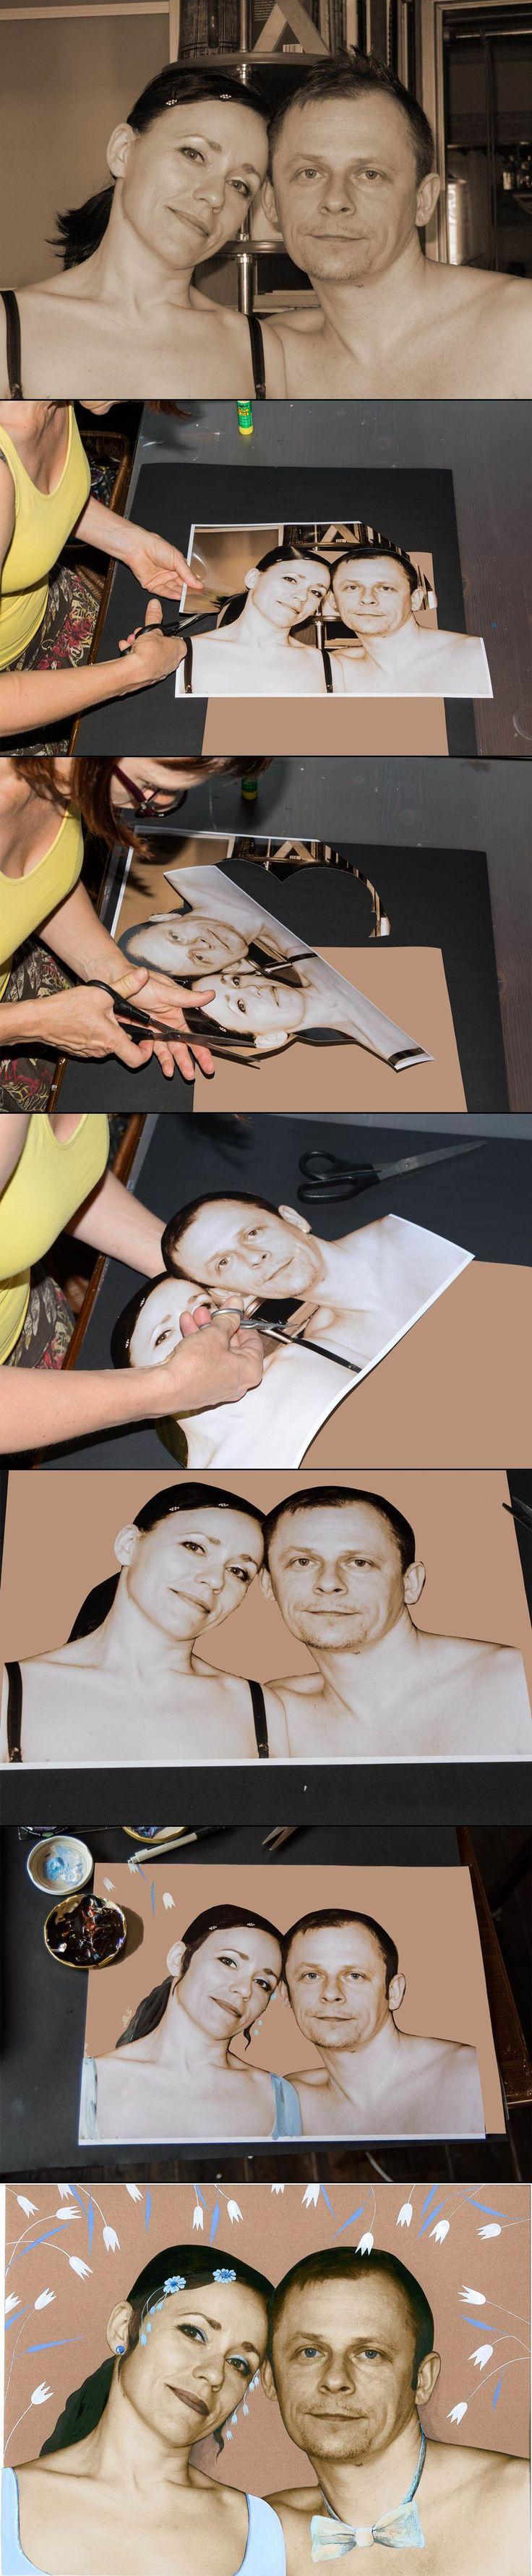 Jak Wykonać Portret Ślubny w Starym Stylu - Krok po Kroku